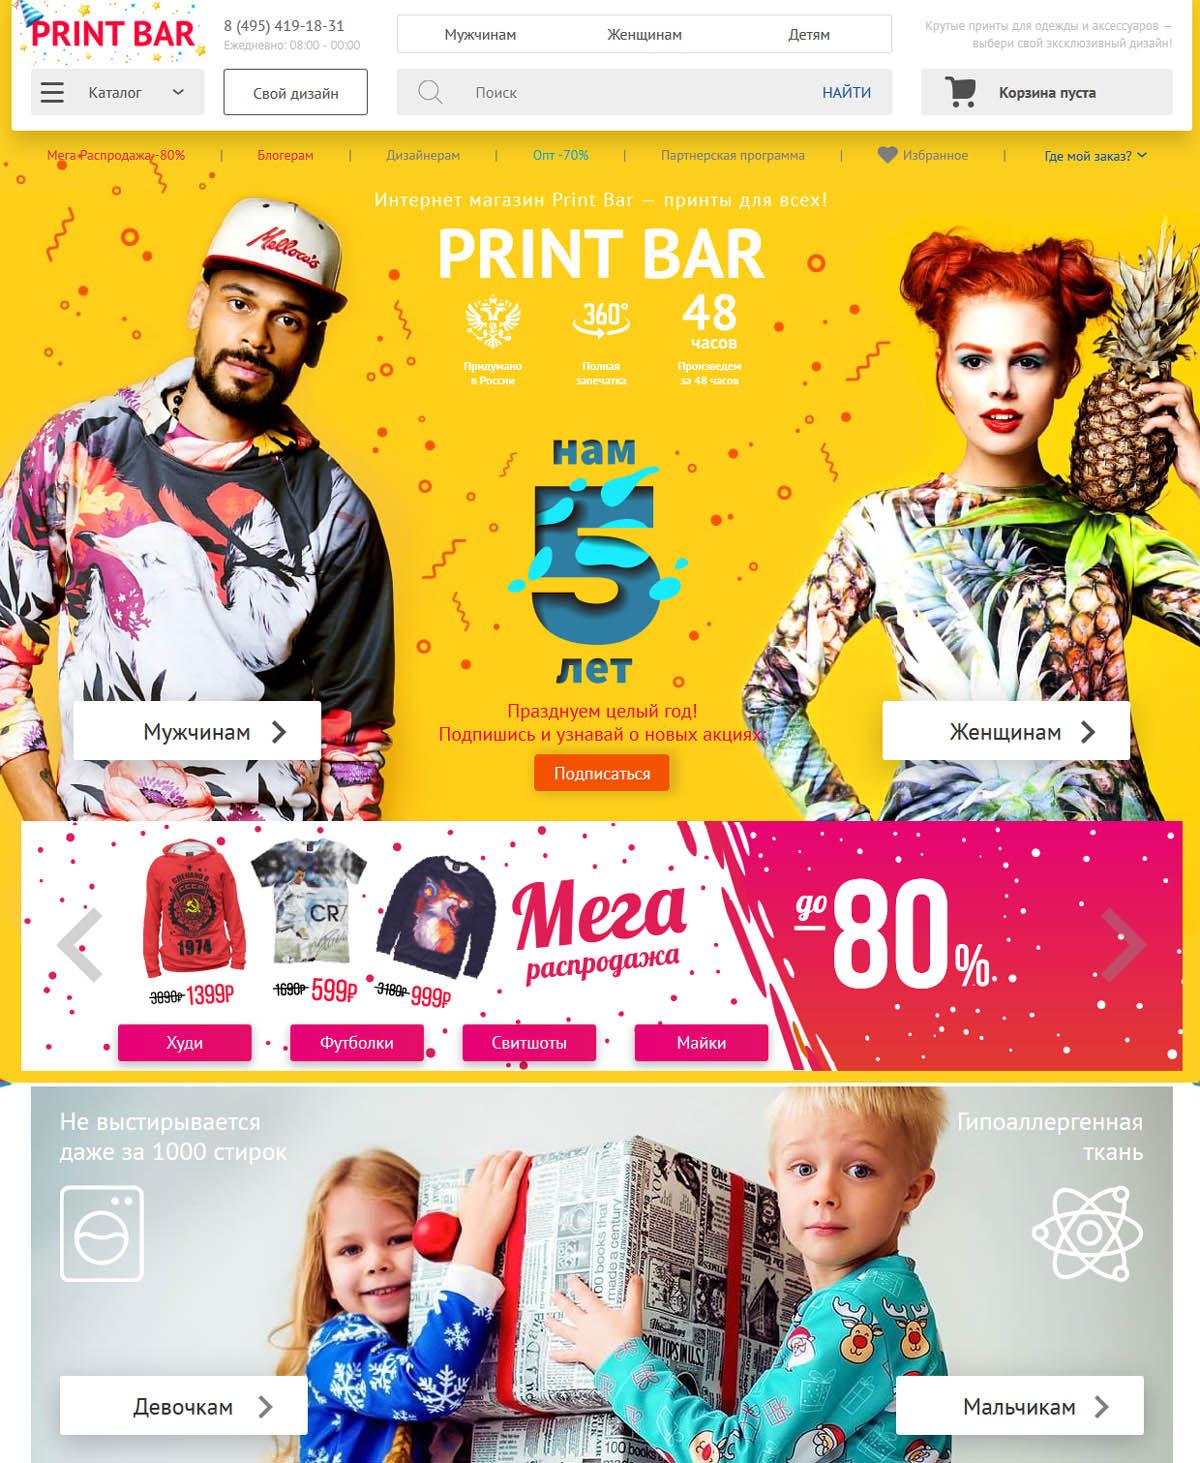 Интернет-магазин Принт Бар